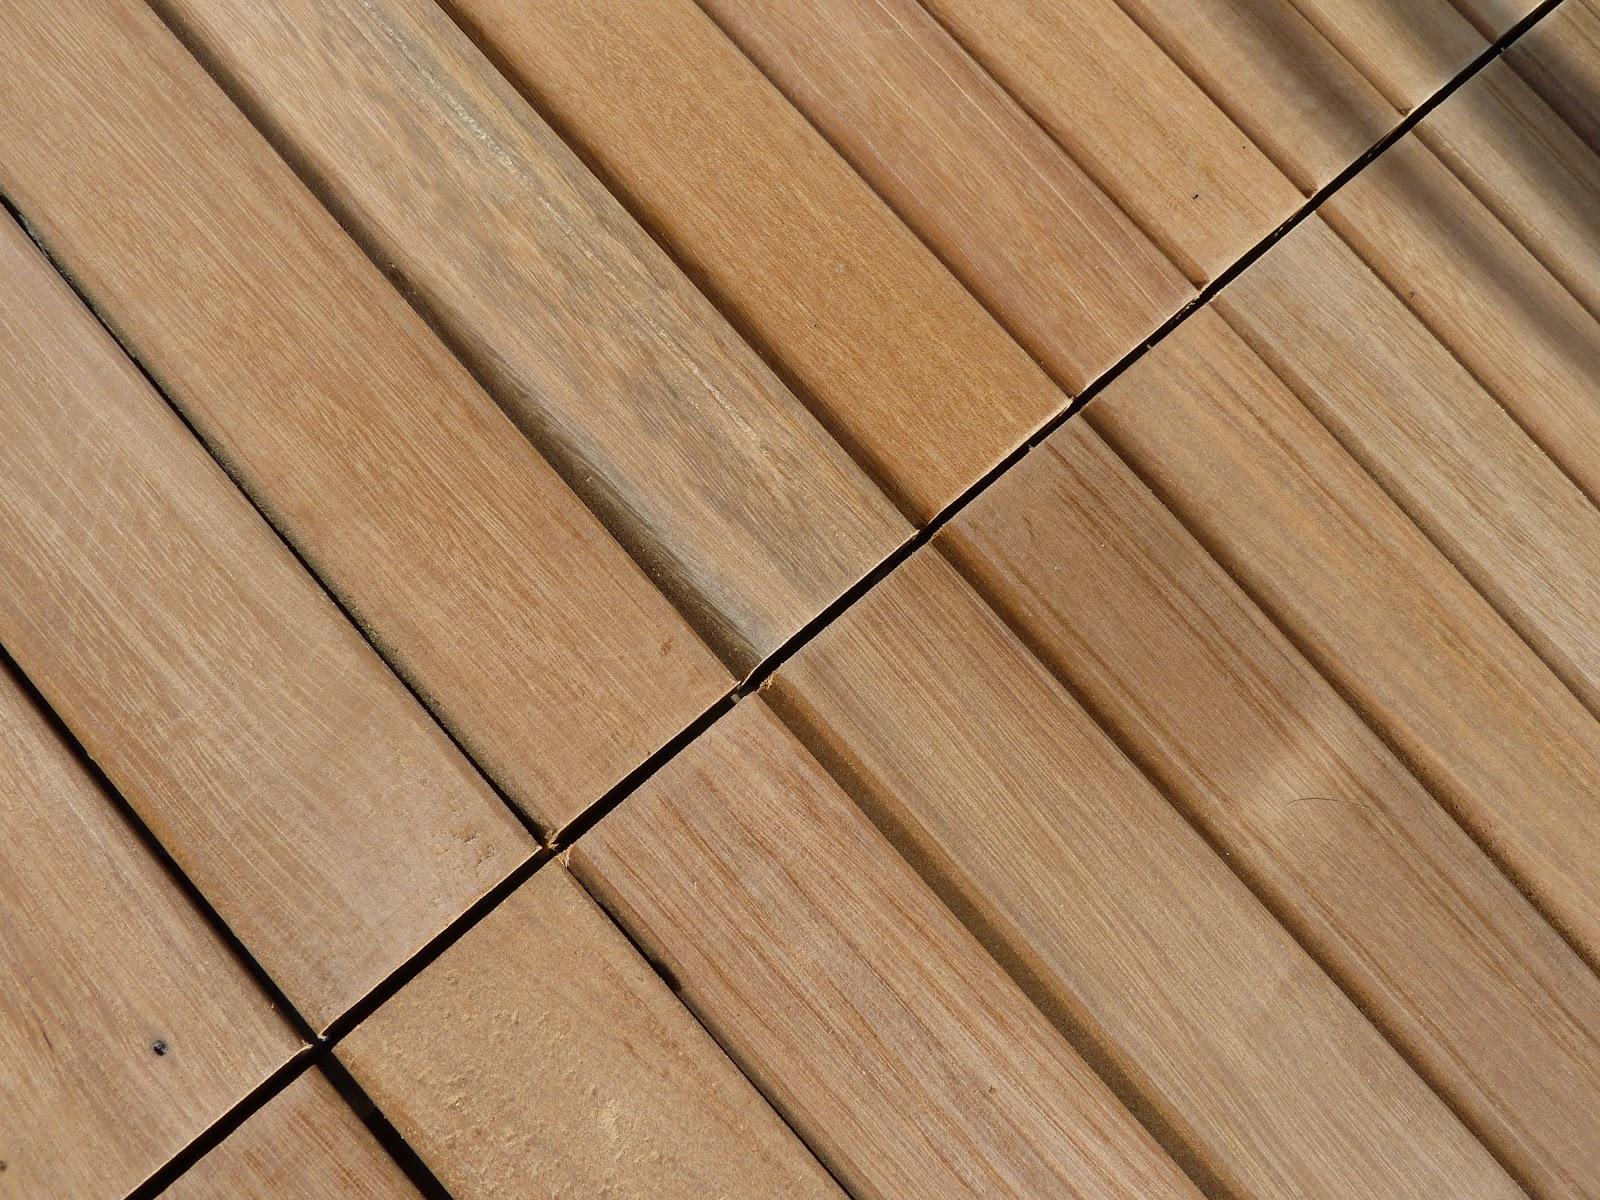 Disabella design new improved roof deck teak tiles